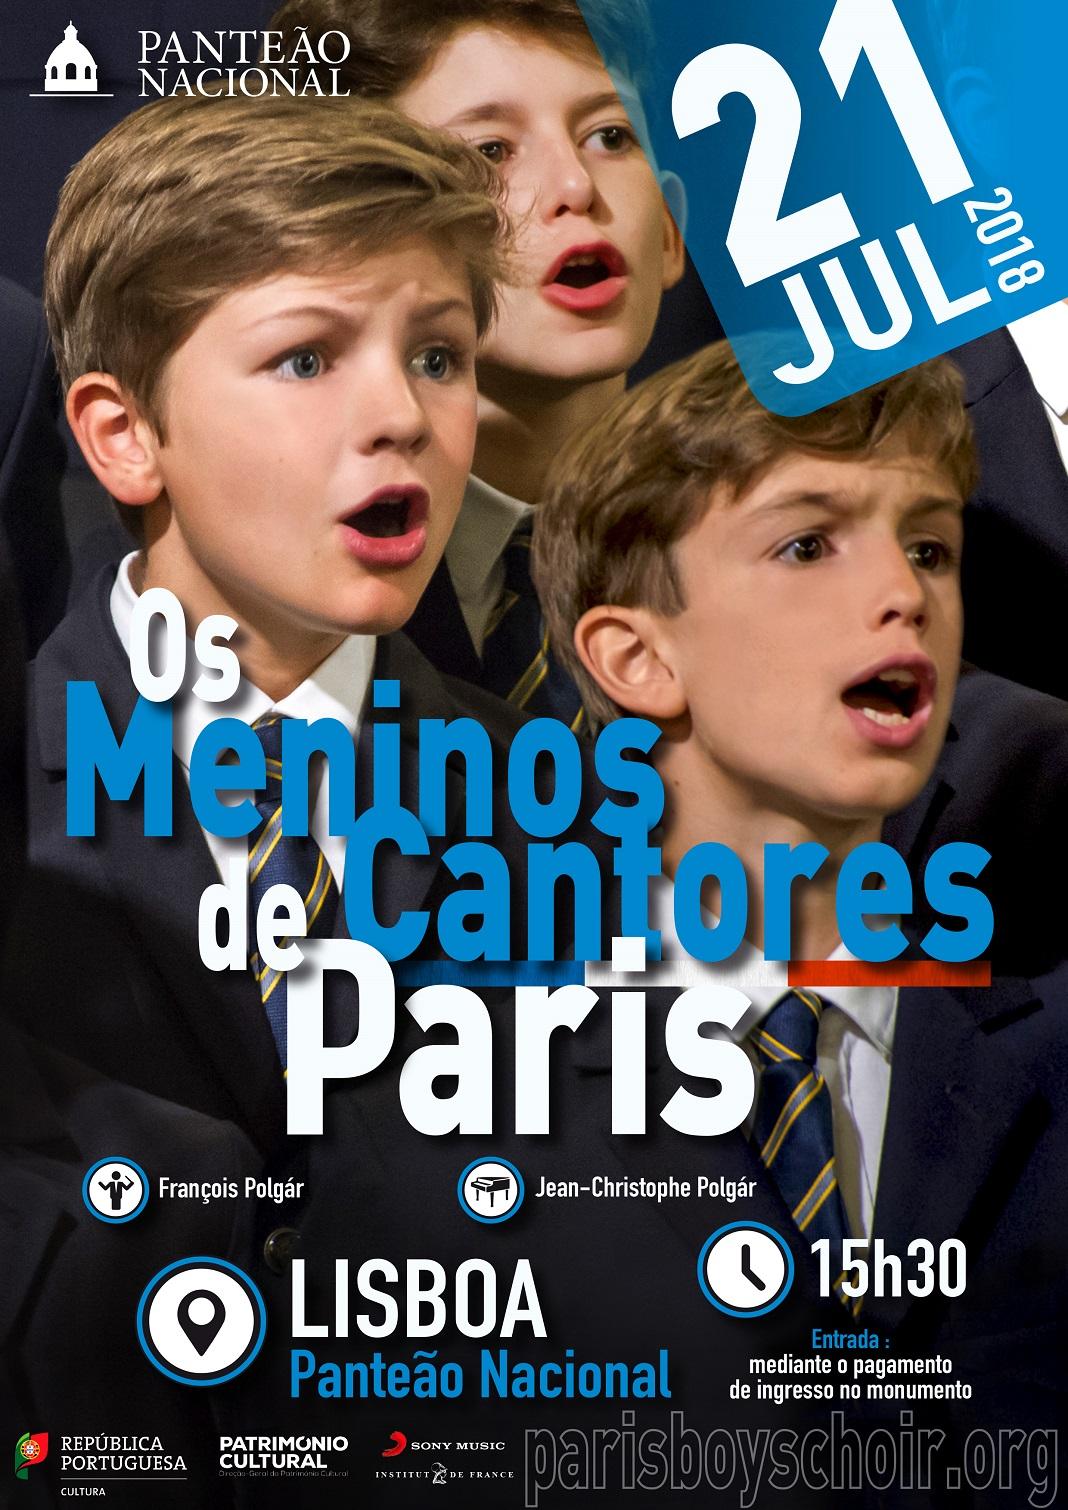 'Os Meninos Cantores de Paris' dão concerto no Panteão Nacional